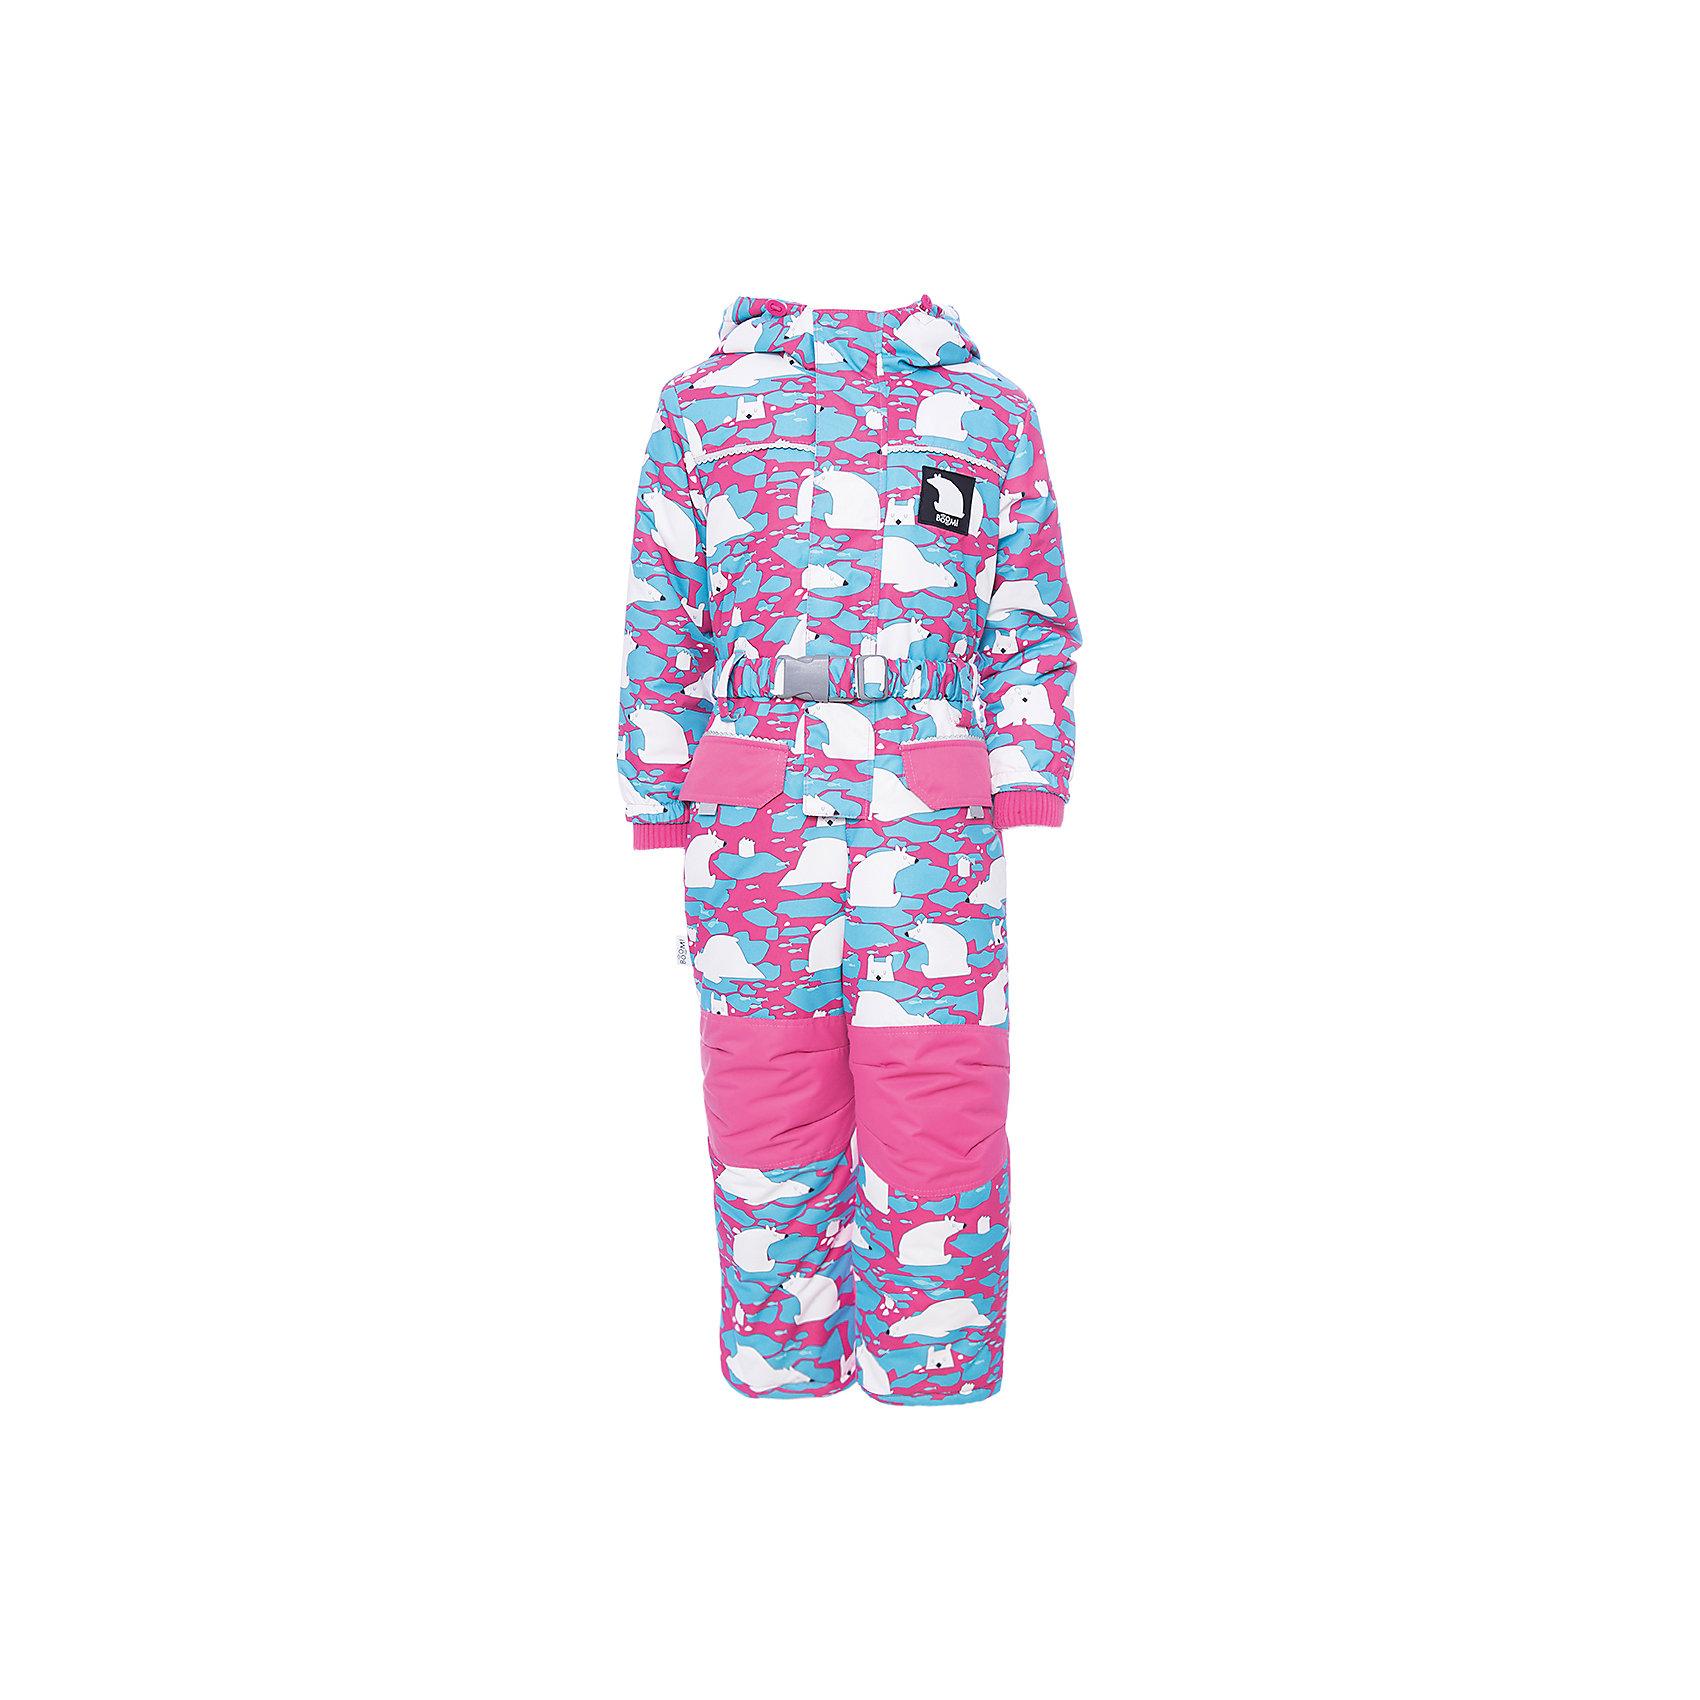 Комбинезон BOOM by Orby для девочкиВерхняя одежда<br>Характеристики товара:<br><br>• цвет: сиреневый<br>• состав ткани: таффета<br>• подкладка: флис, полиэстер пуходержащий<br>• утеплитель: FiberSoft<br>• сезон: зима<br>• мембранное покрытие<br>• температурный режим: от 0 до -30С<br>• водонепроницаемость: 3000 мм <br>• паропроницаемость: 3000 г/м2<br>• плотность утеплителя: 400 г/м2<br>• капюшон: без меха<br>• застежка: молния<br>• штрипки<br>• страна бренда: Россия<br>• страна изготовитель: Россия<br><br>Мембранный детский комбинезон отлично подойдет для зимних холодов. Мягкая подкладка комбинезона для детей делает его очень комфортным. Зимний комбинезон для ребенка поможет обеспечить необходимый уровень утепления. Детский теплый комбинезон дополнен удобным капюшоном, планкой от ветра и карманами. <br><br>Комбинезон для девочки BOOM by Orby (Бум бай Орби) можно купить в нашем интернет-магазине.<br><br>Ширина мм: 356<br>Глубина мм: 10<br>Высота мм: 245<br>Вес г: 519<br>Цвет: розовый<br>Возраст от месяцев: 84<br>Возраст до месяцев: 96<br>Пол: Женский<br>Возраст: Детский<br>Размер: 128,80,86,92,98,104,110,116,122<br>SKU: 7090055